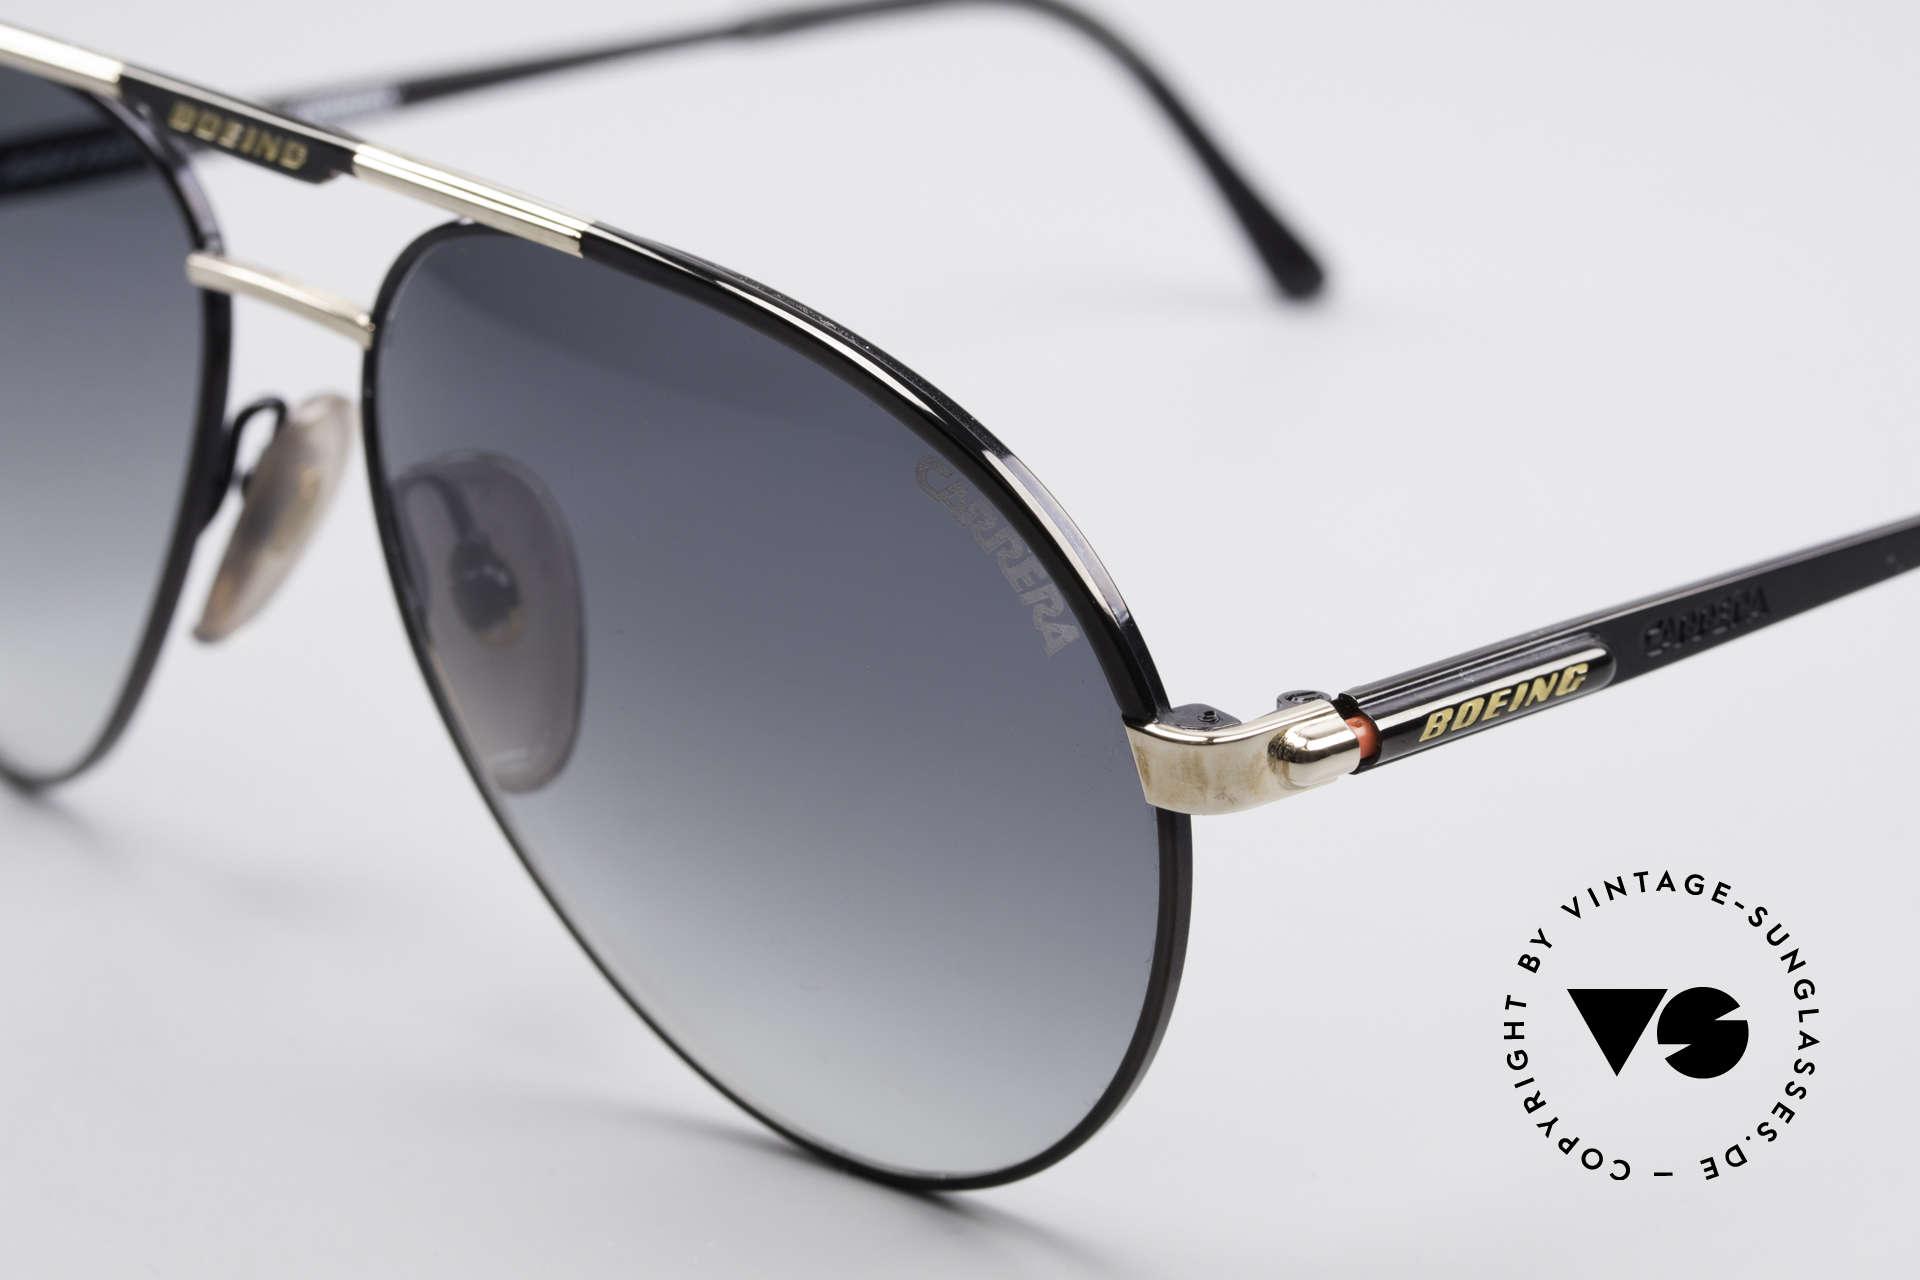 Boeing 5733 Vintage Pilotensonnenbrille, entsprechend hochwertig & kostbar (vergoldete Teile), Passend für Herren